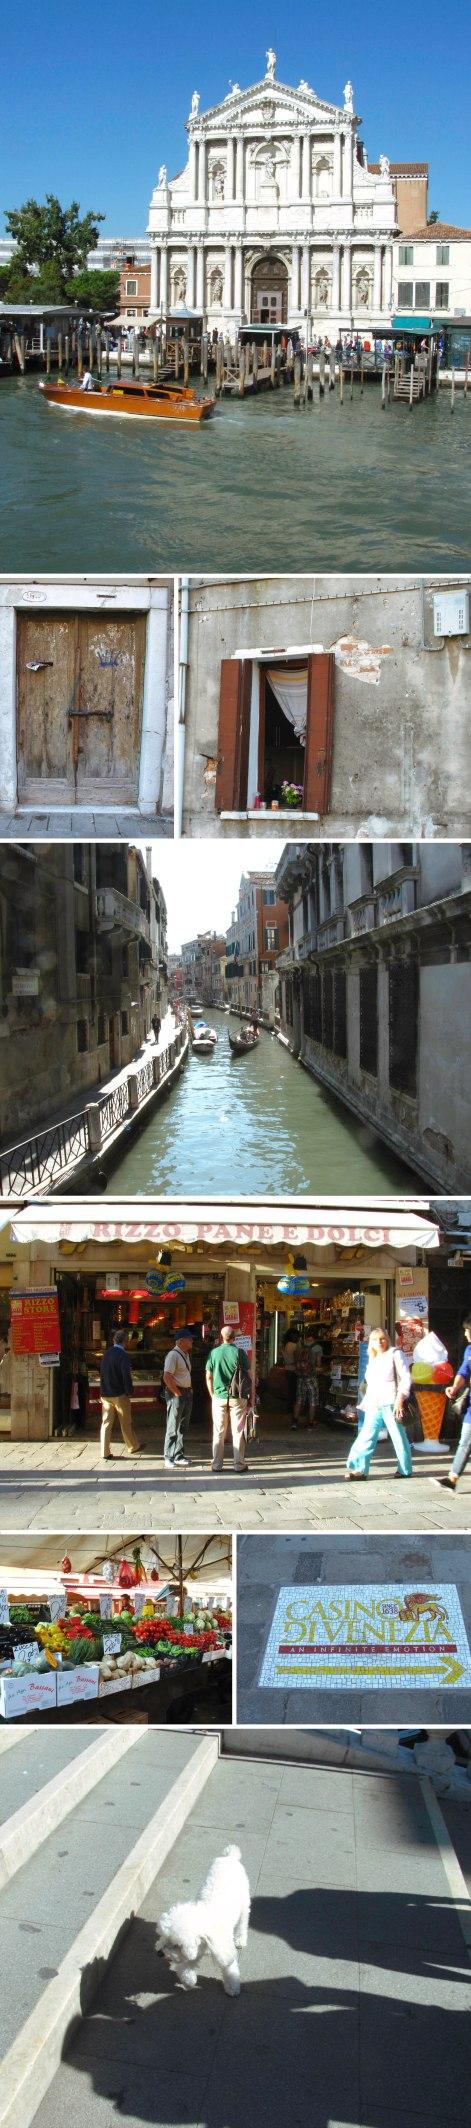 Venice2012